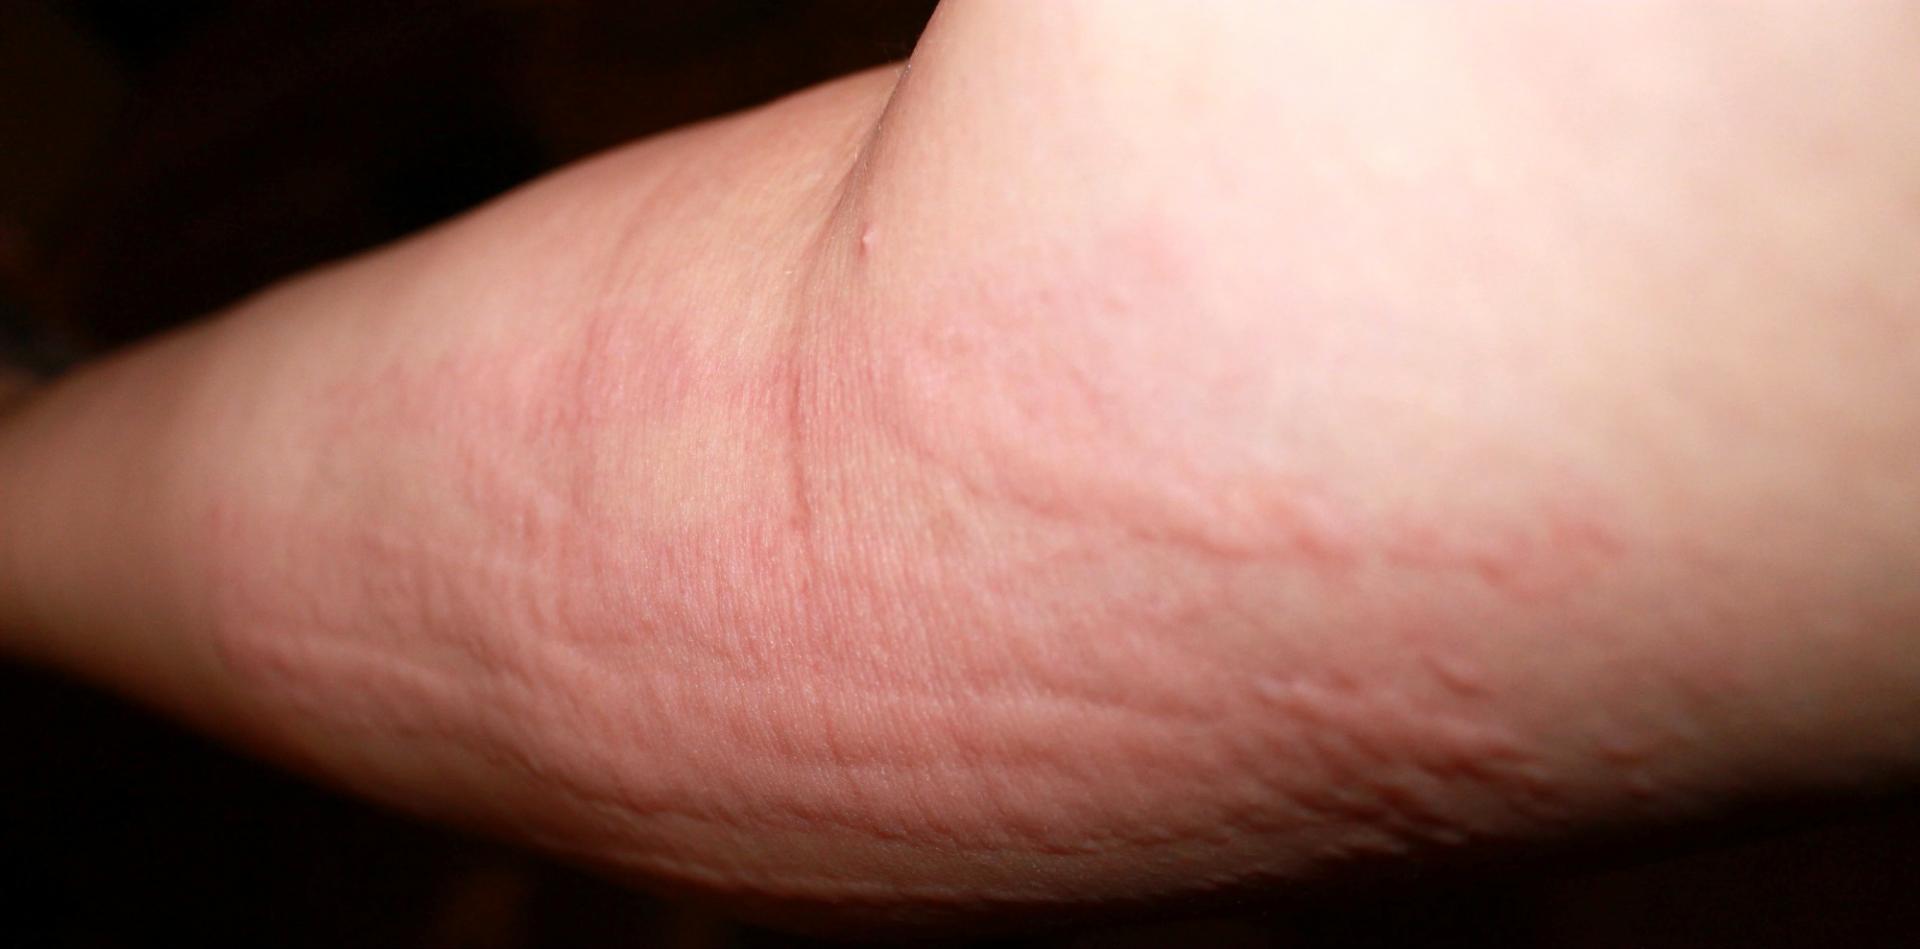 Крапивница: причины, симптомы, диагностика и лечение